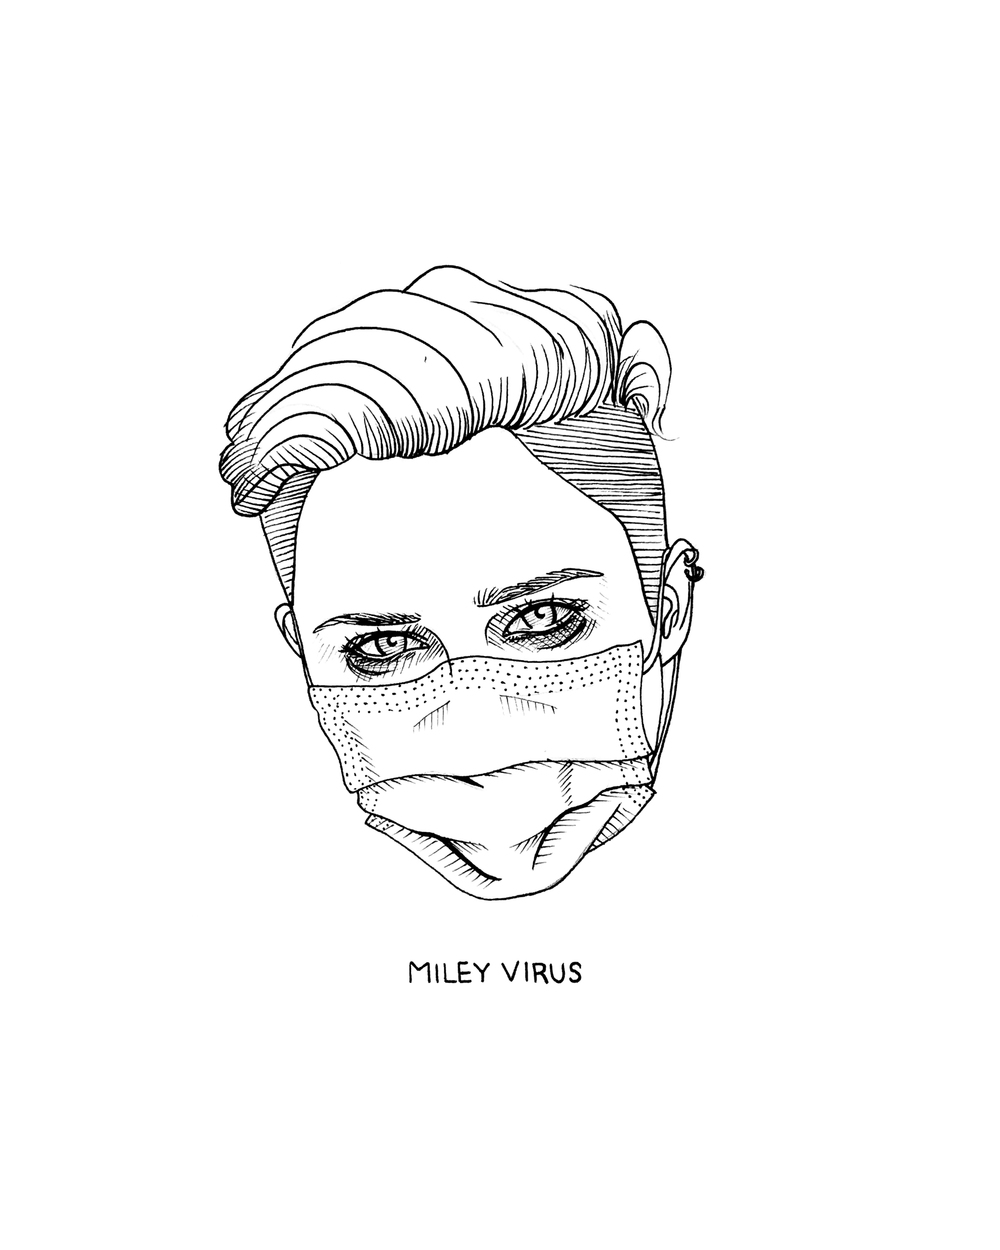 Miley_Virus.jpg